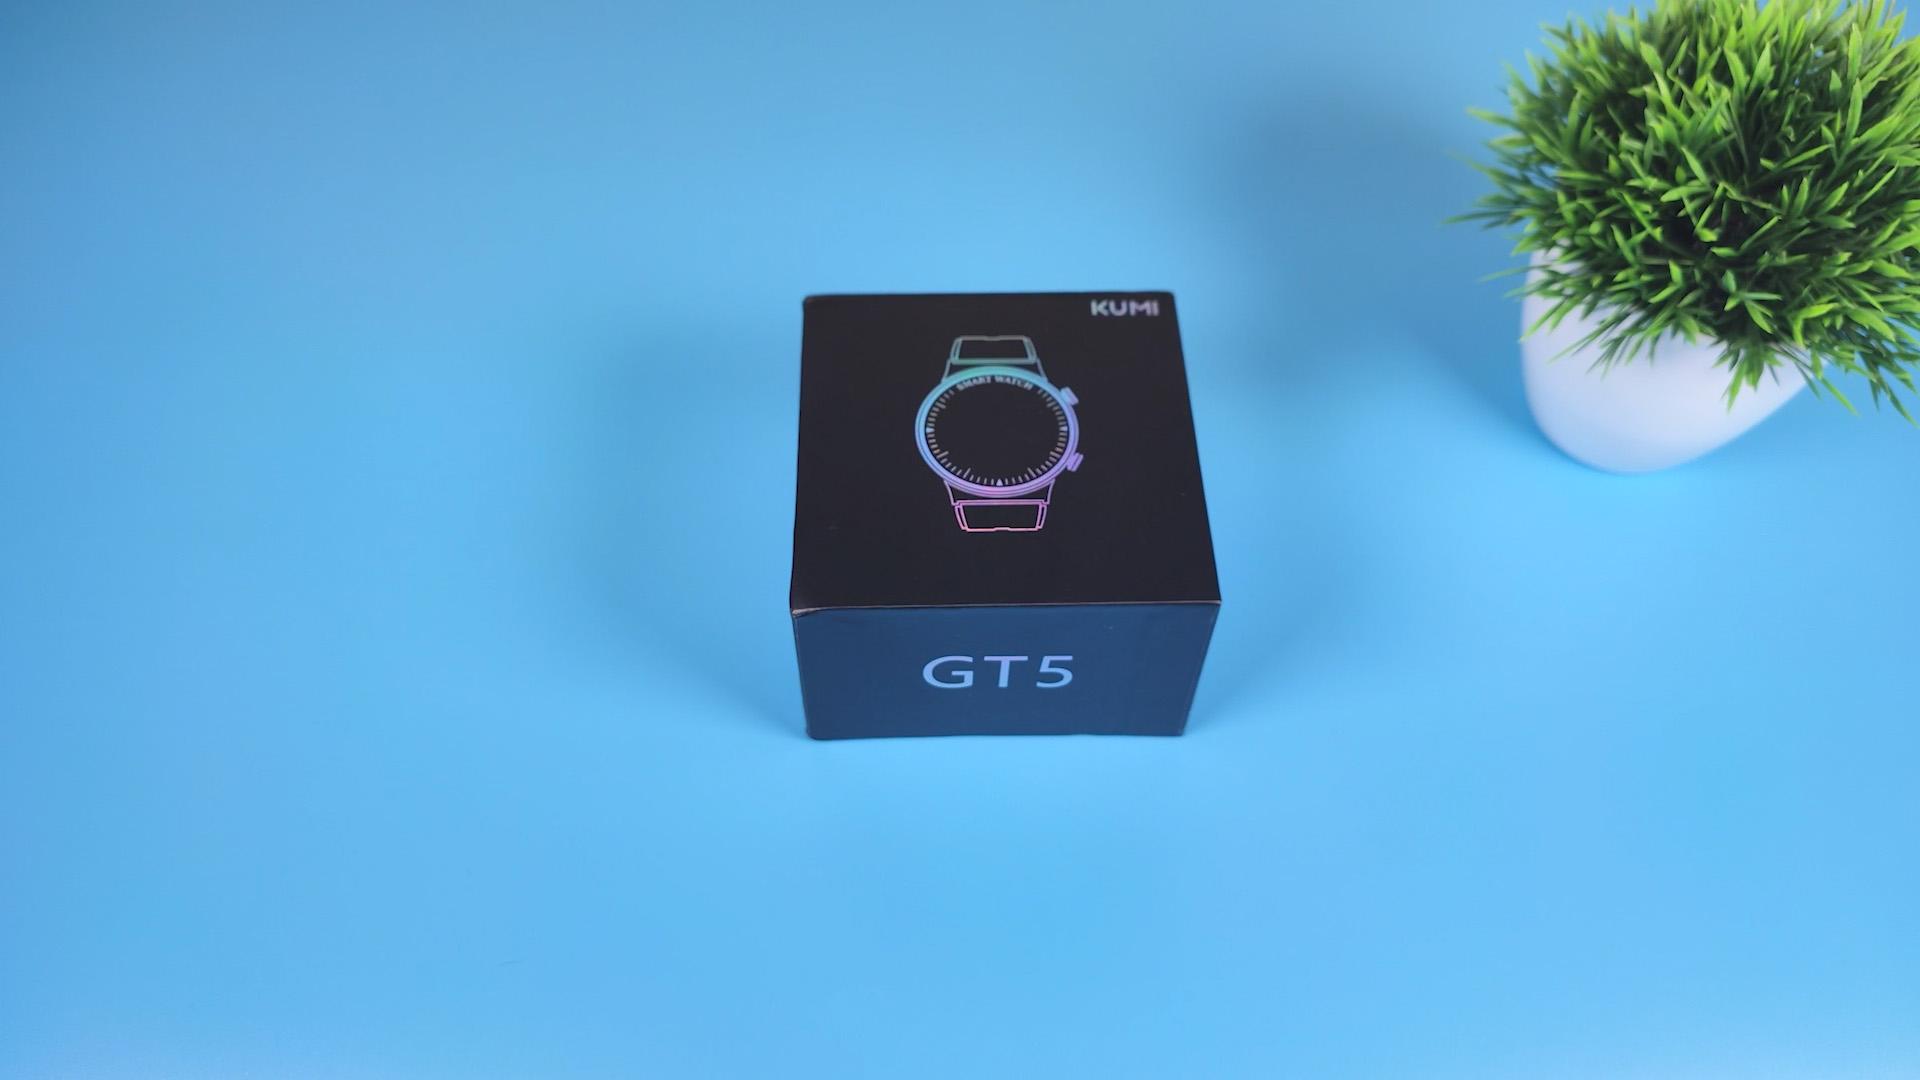 KUMI GT5 коробка